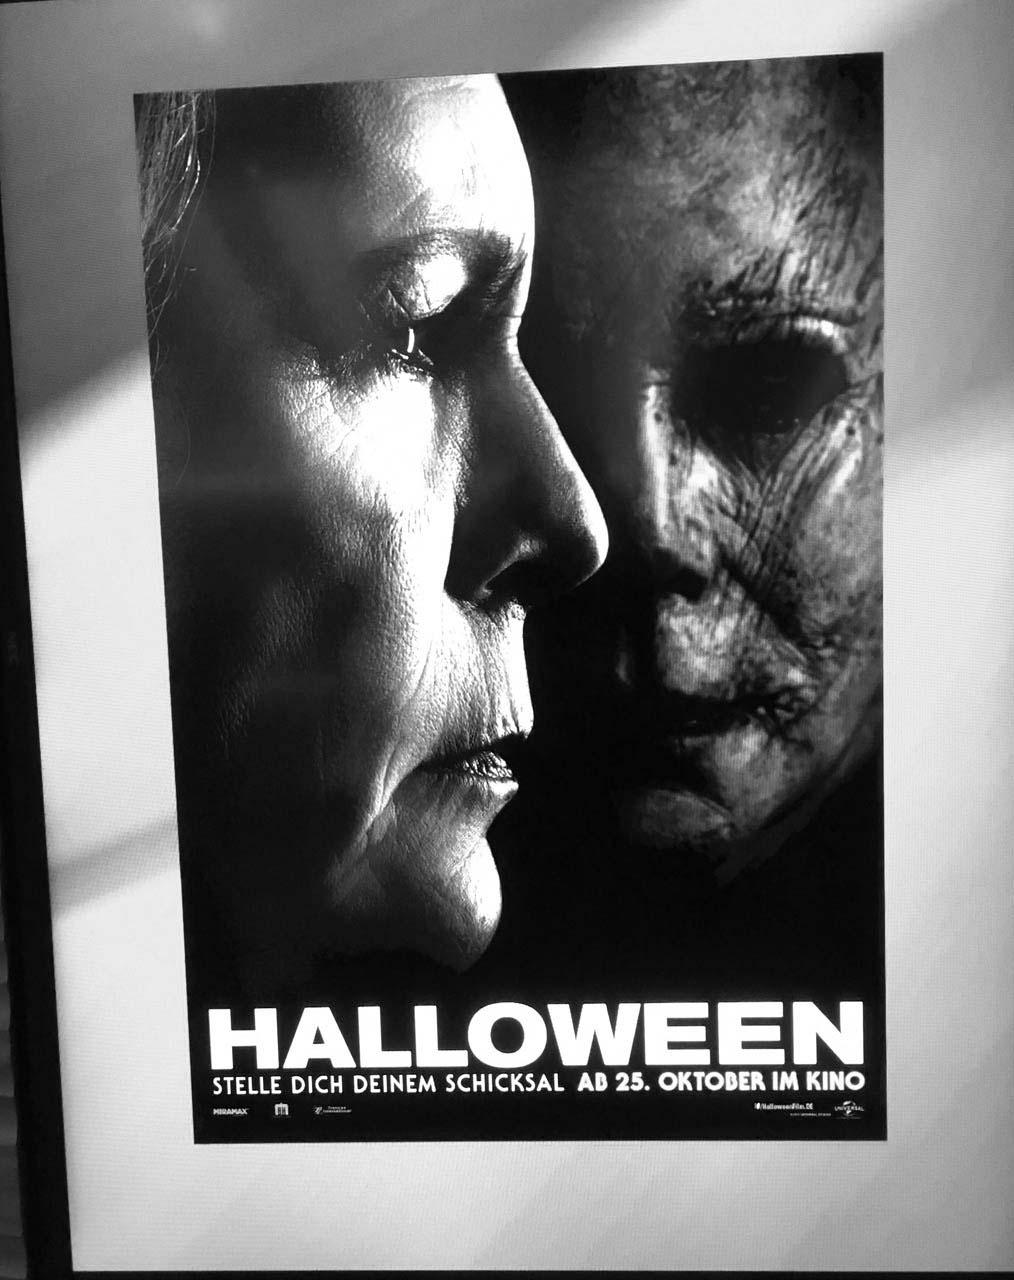 Halloween Filmplakat